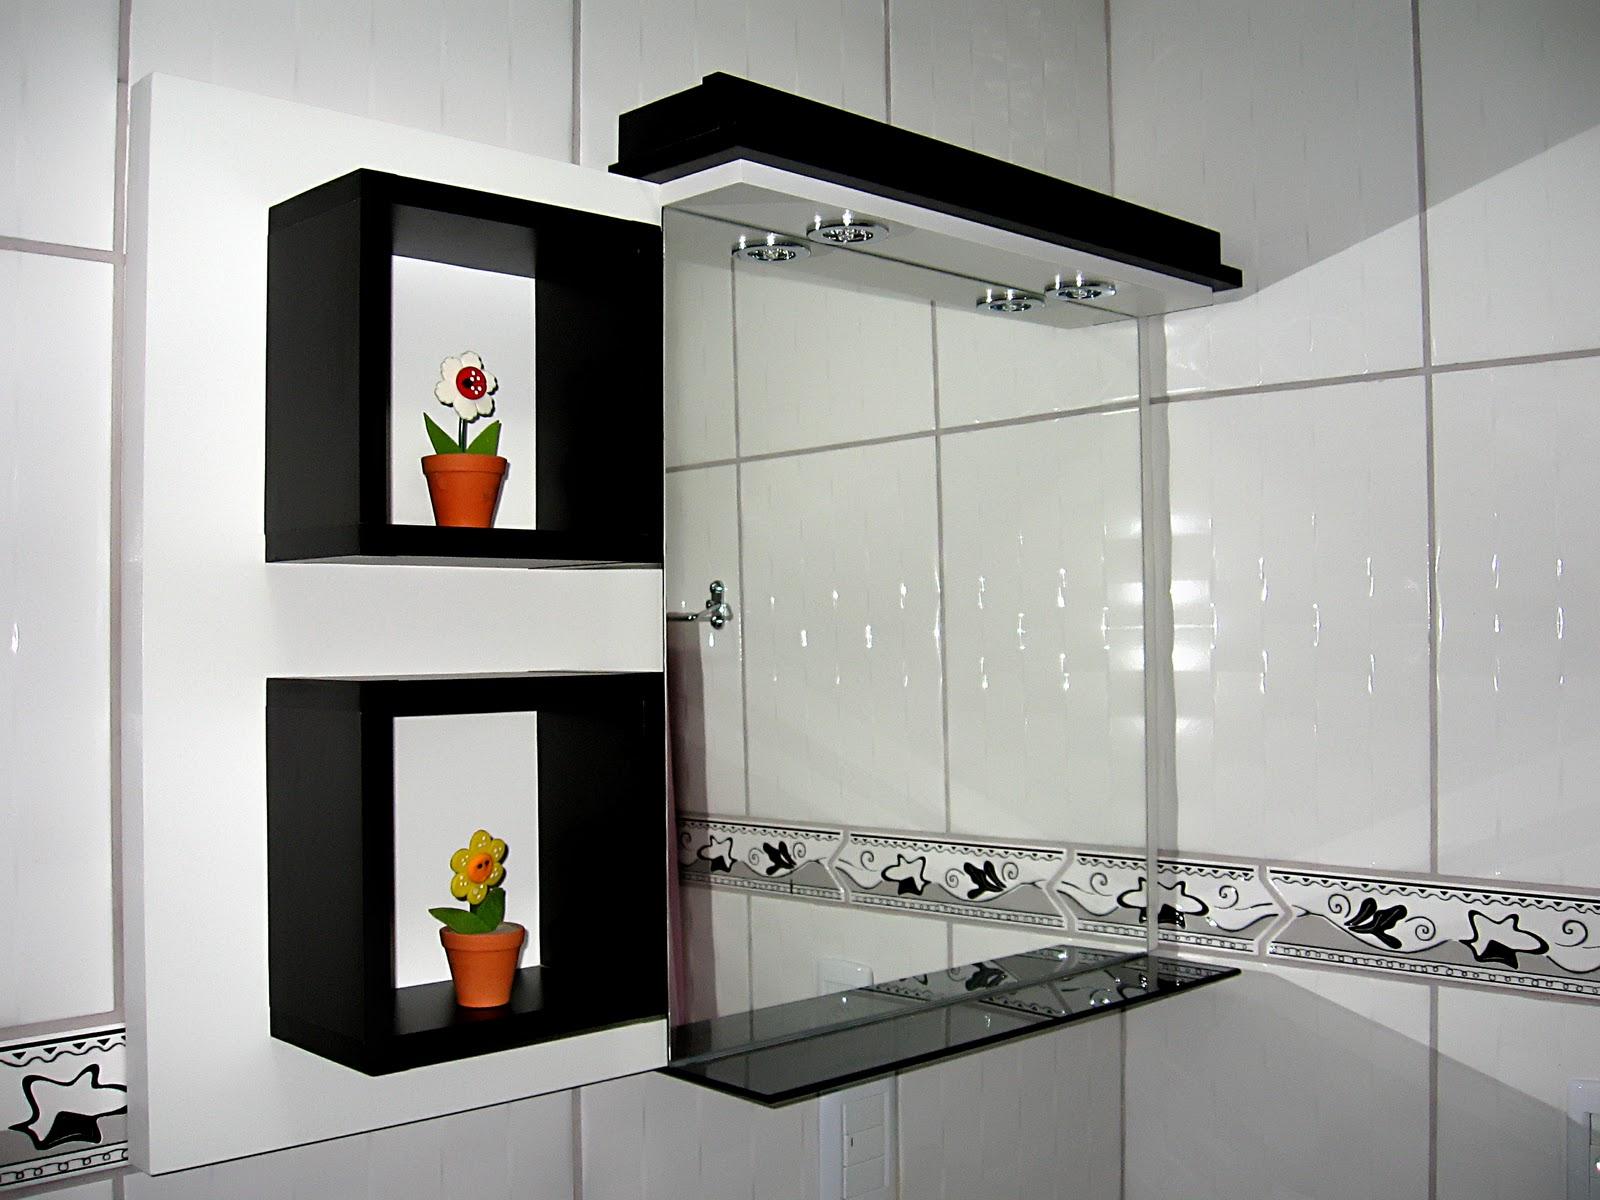 RÍMINI Ambientes Tendências Mundiais : Banheiro em preto e branco #B74210 1600x1200 Banheiro Branco Preto E Cinza